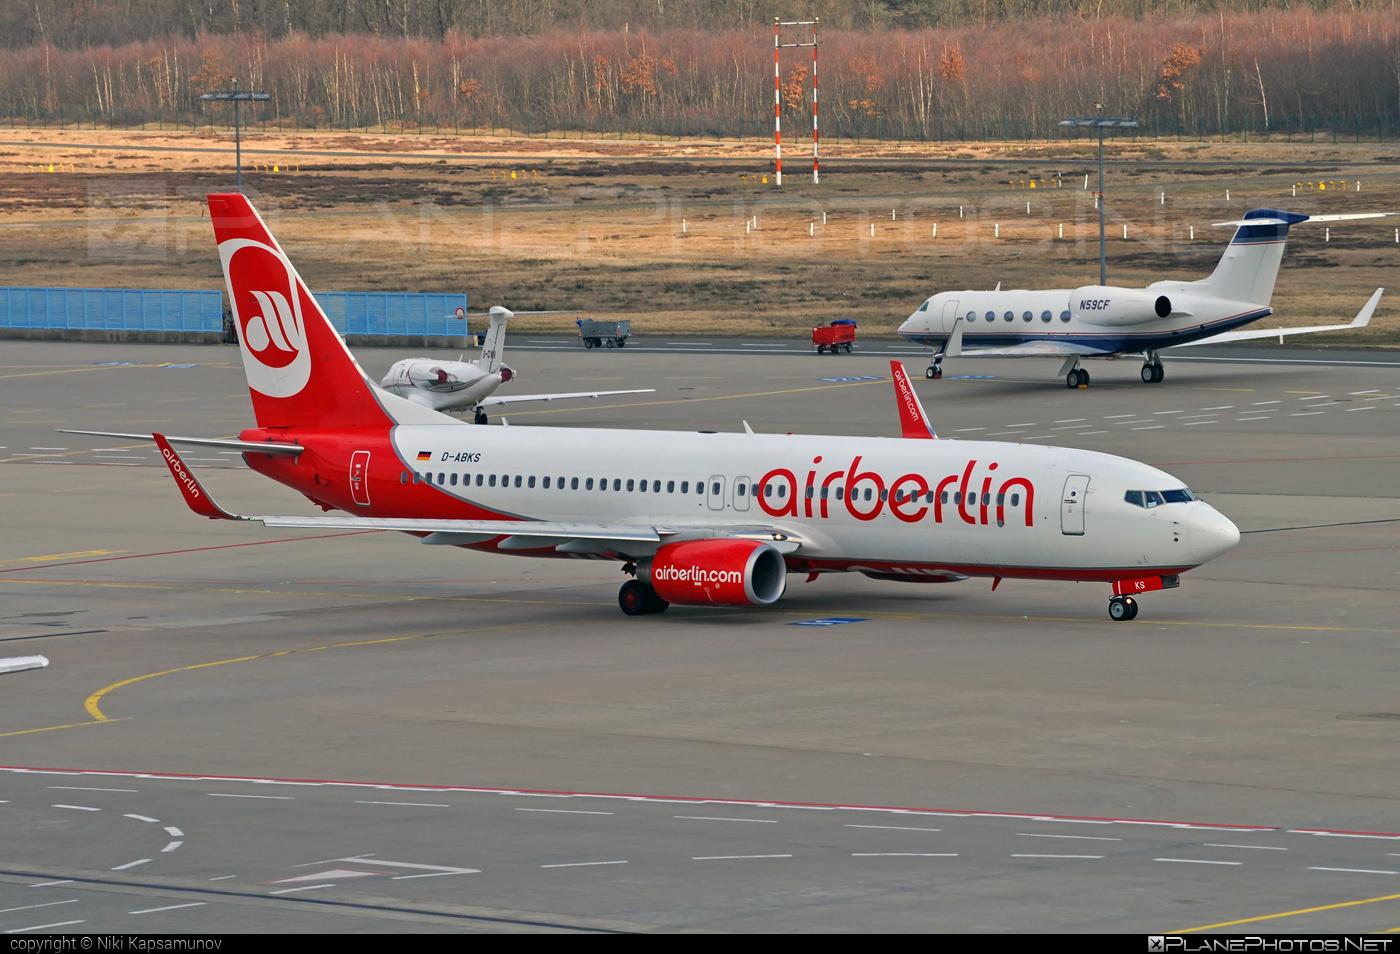 Boeing 737-800 - D-ABKS operated by Air Berlin #airberlin #b737 #b737nextgen #b737ng #boeing #boeing737